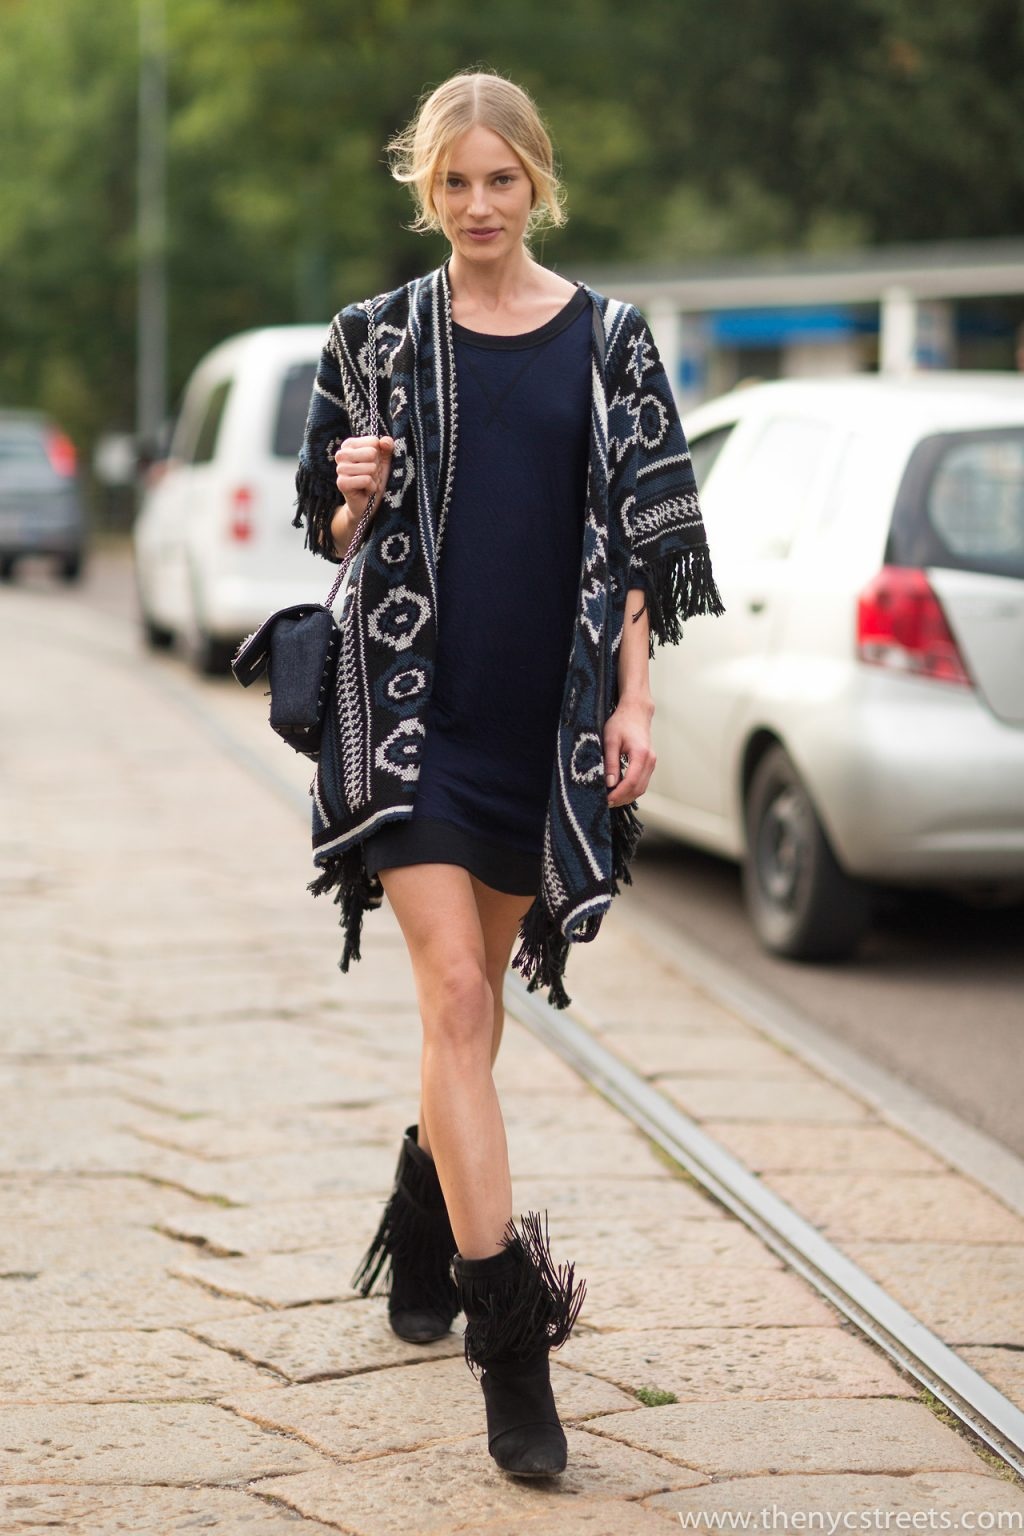 phong cách bohemian với áo khoác tunic họa tiết thổ dân